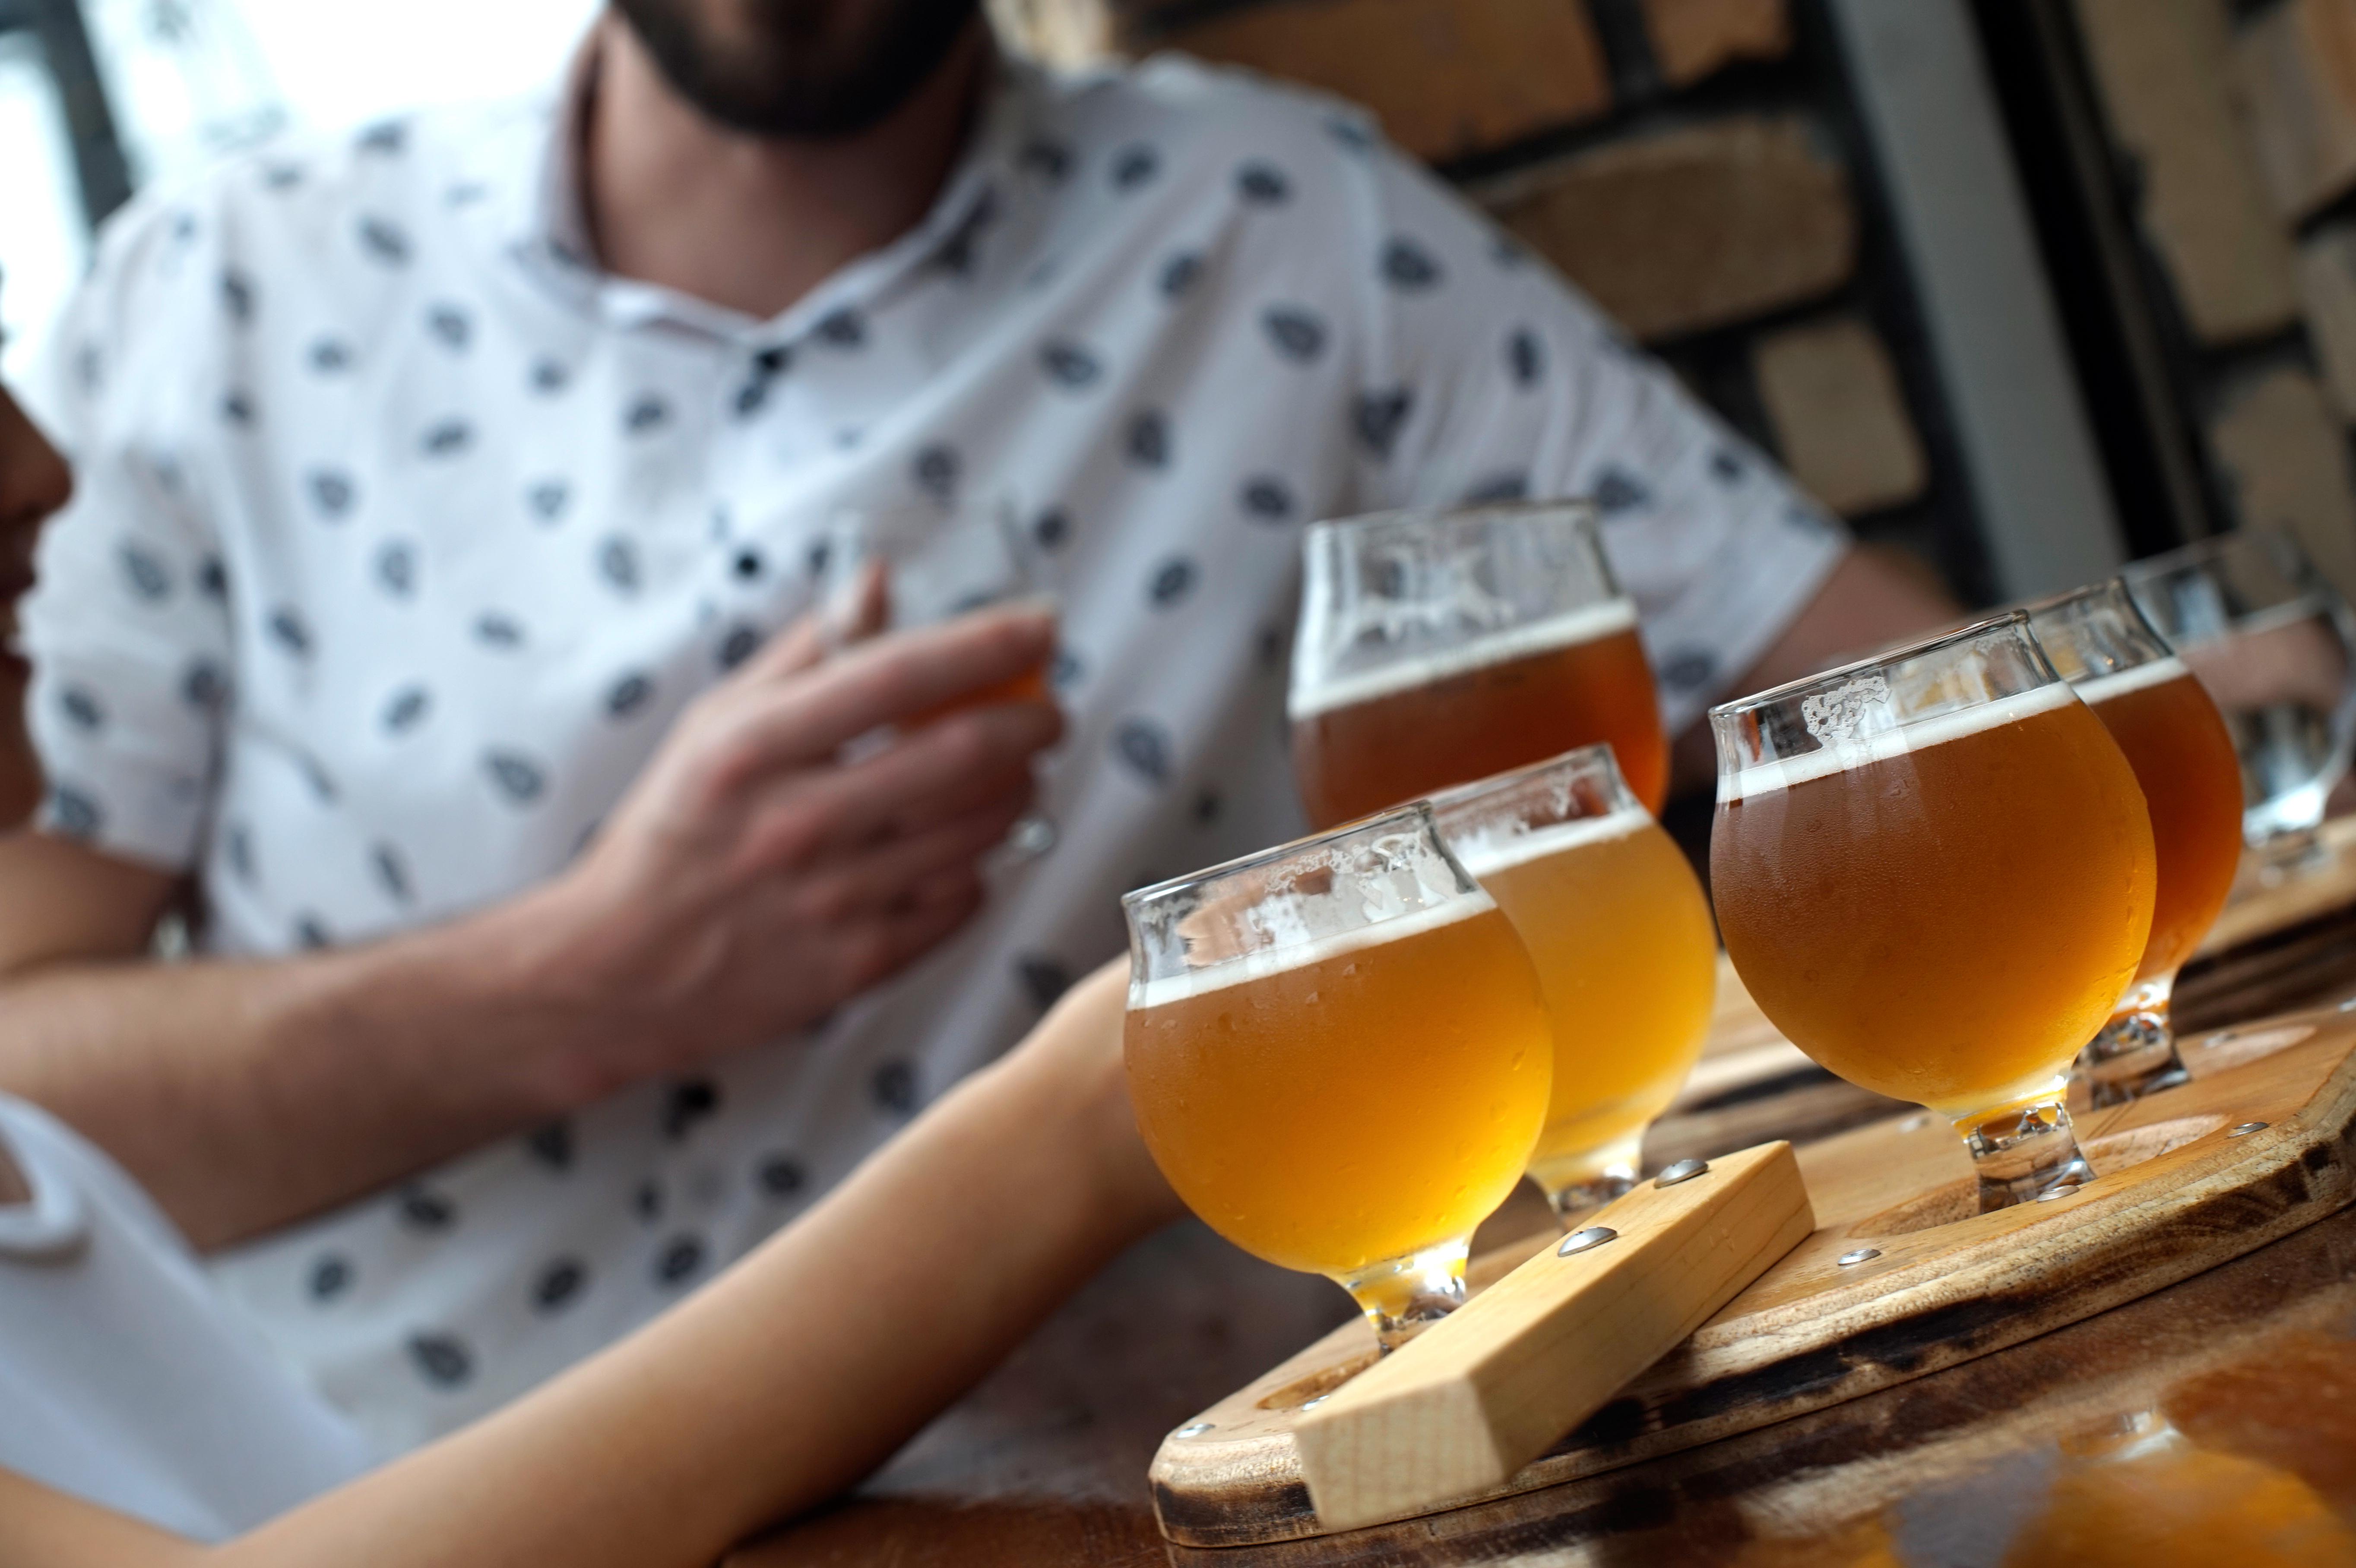 9種のビールから4種を選んで飲み比べできるテイスティングセット4種1,500円